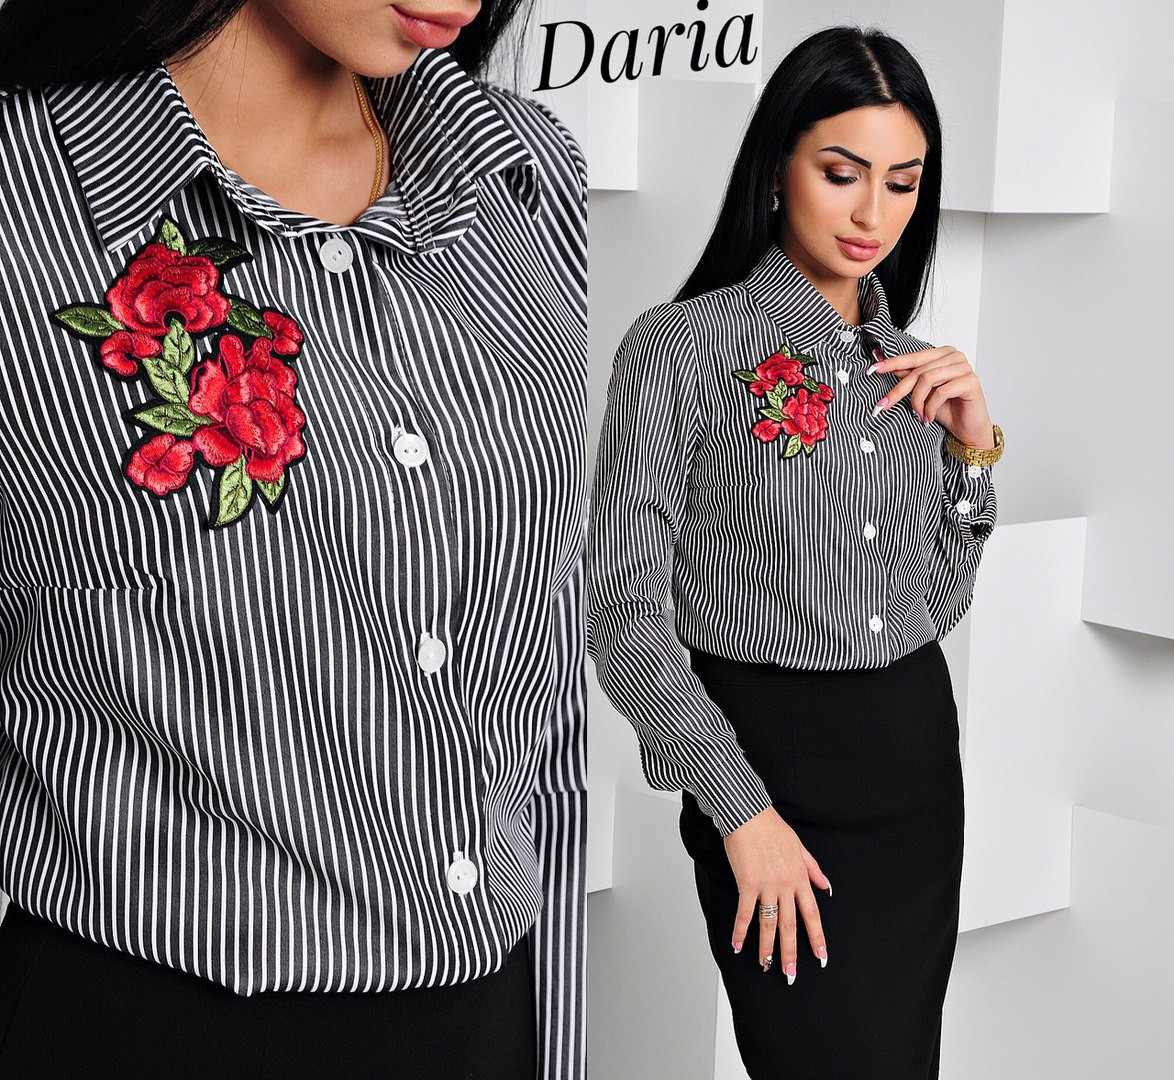 Женская рубашка в полоску длинная, белая, туника, с вышивкой